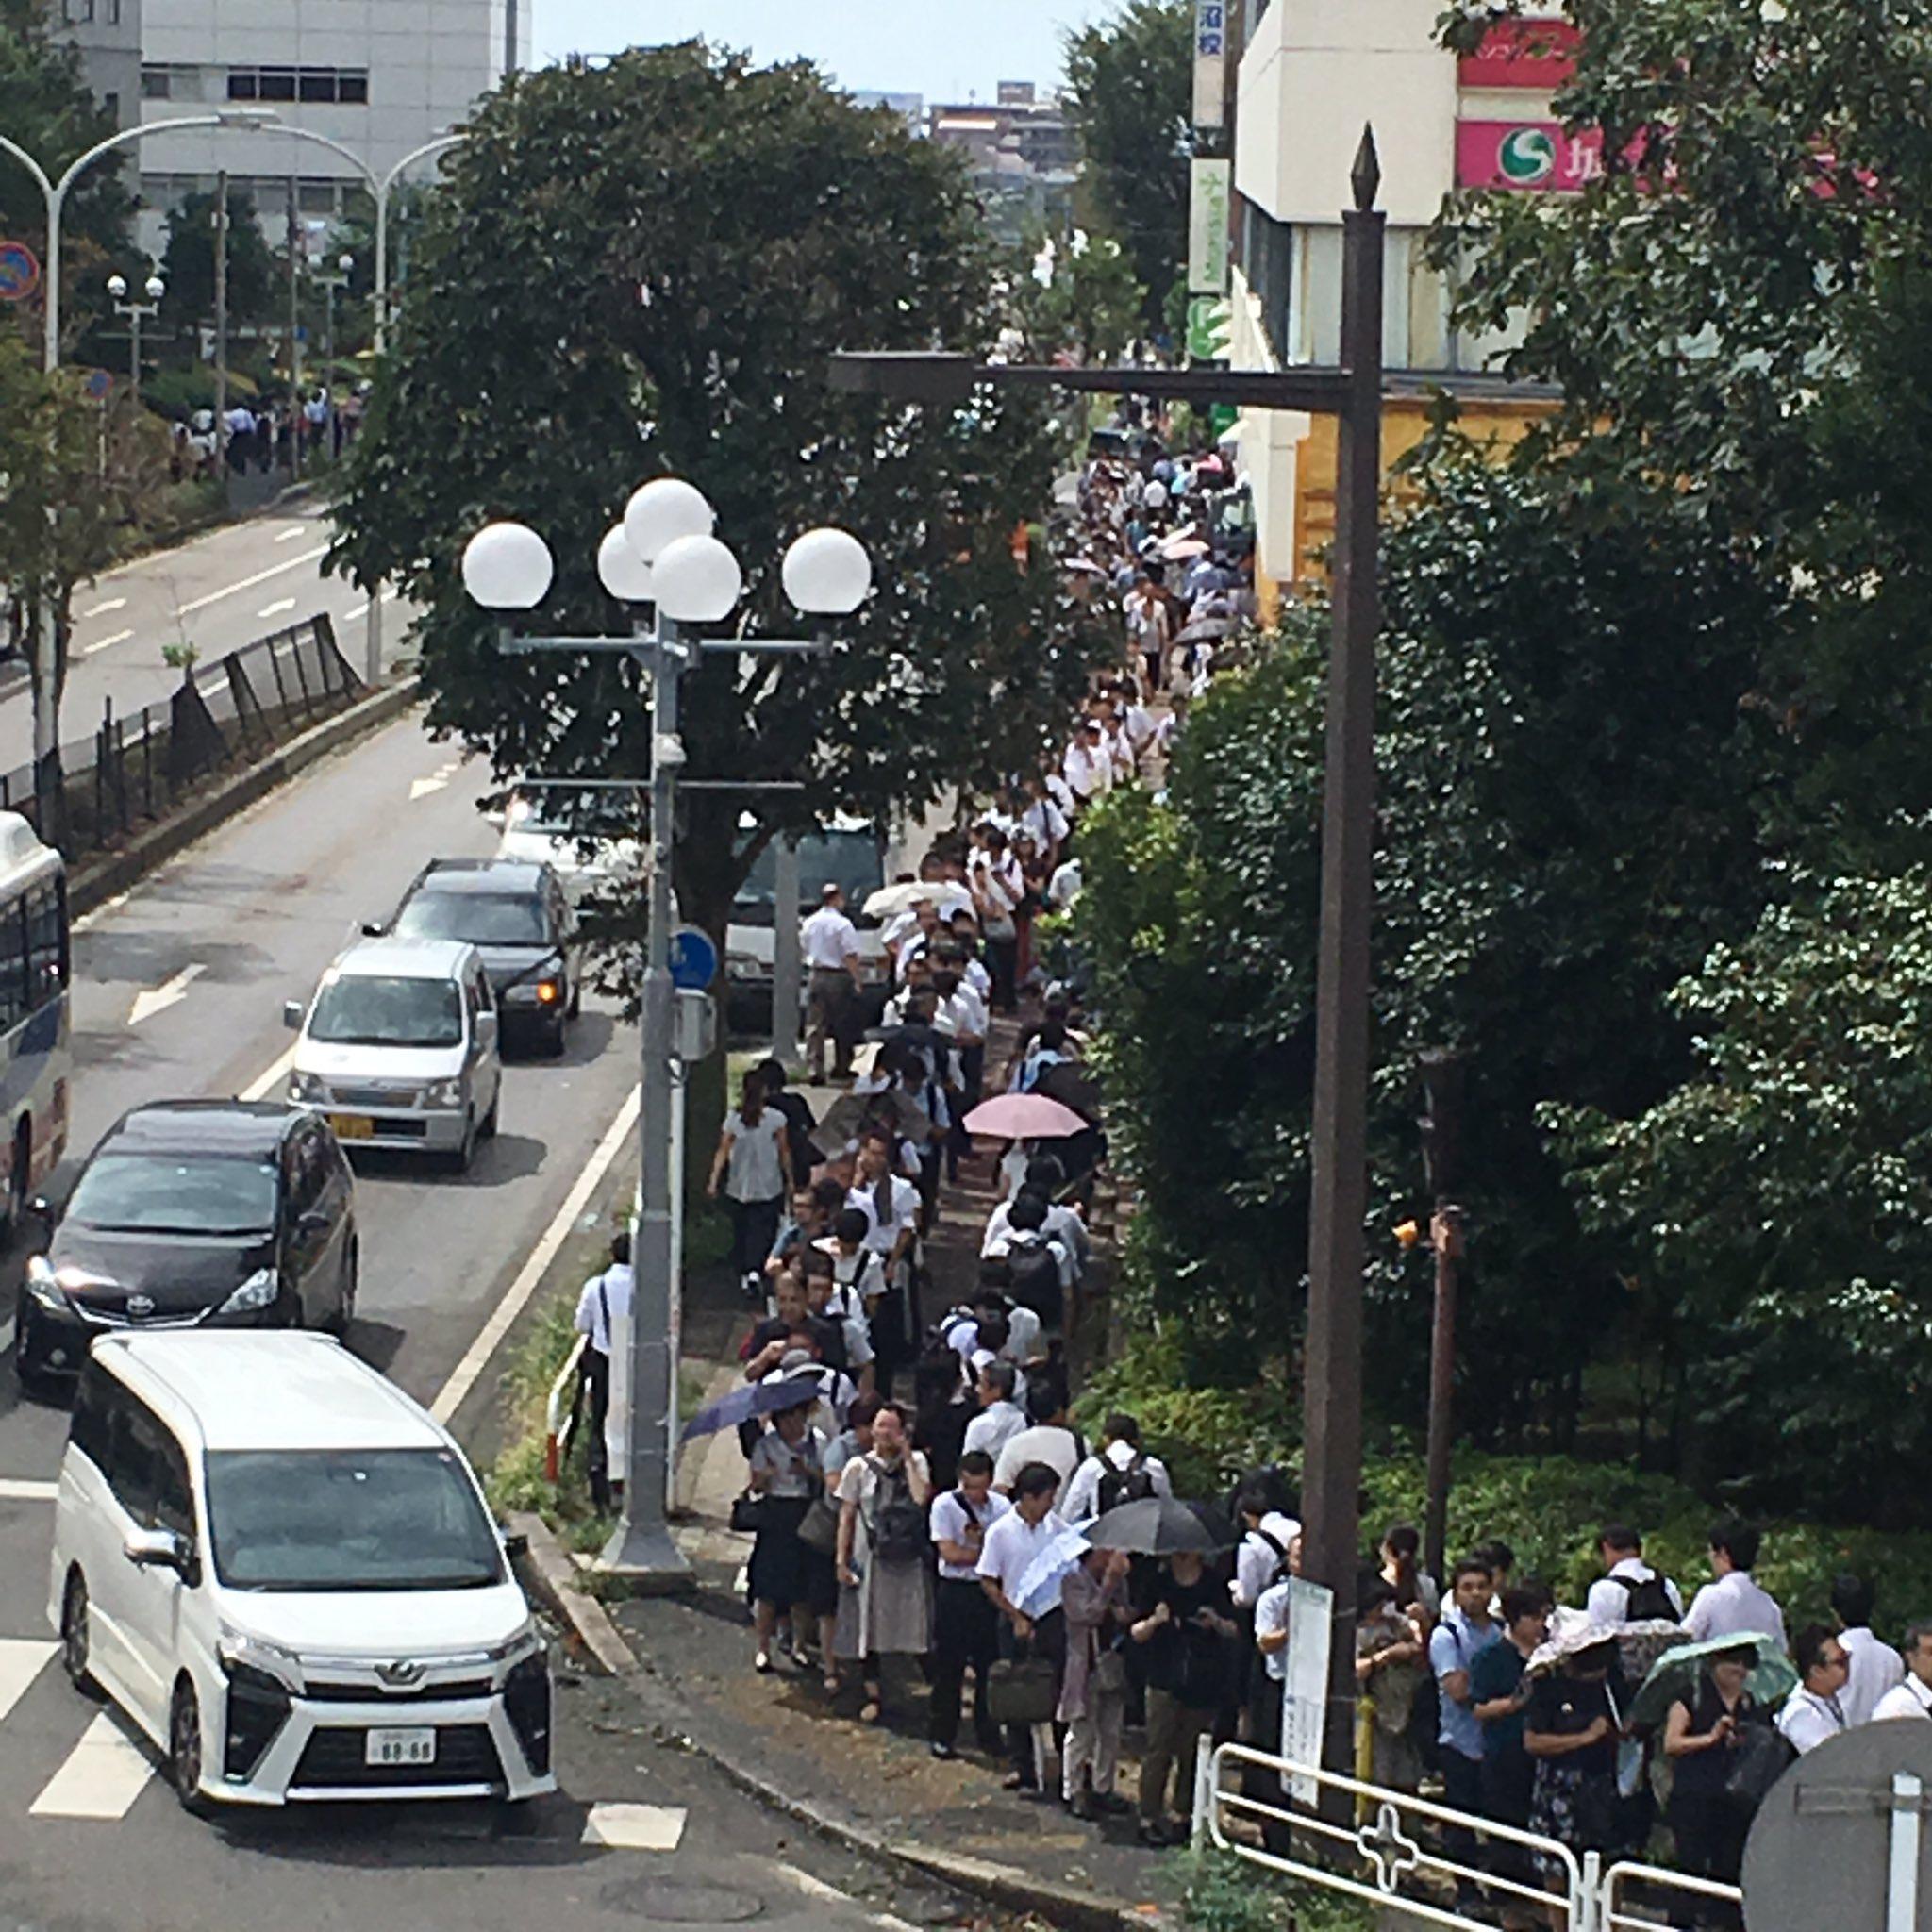 総武線の運転見合わせで津田沼駅が大混雑している現場の画像